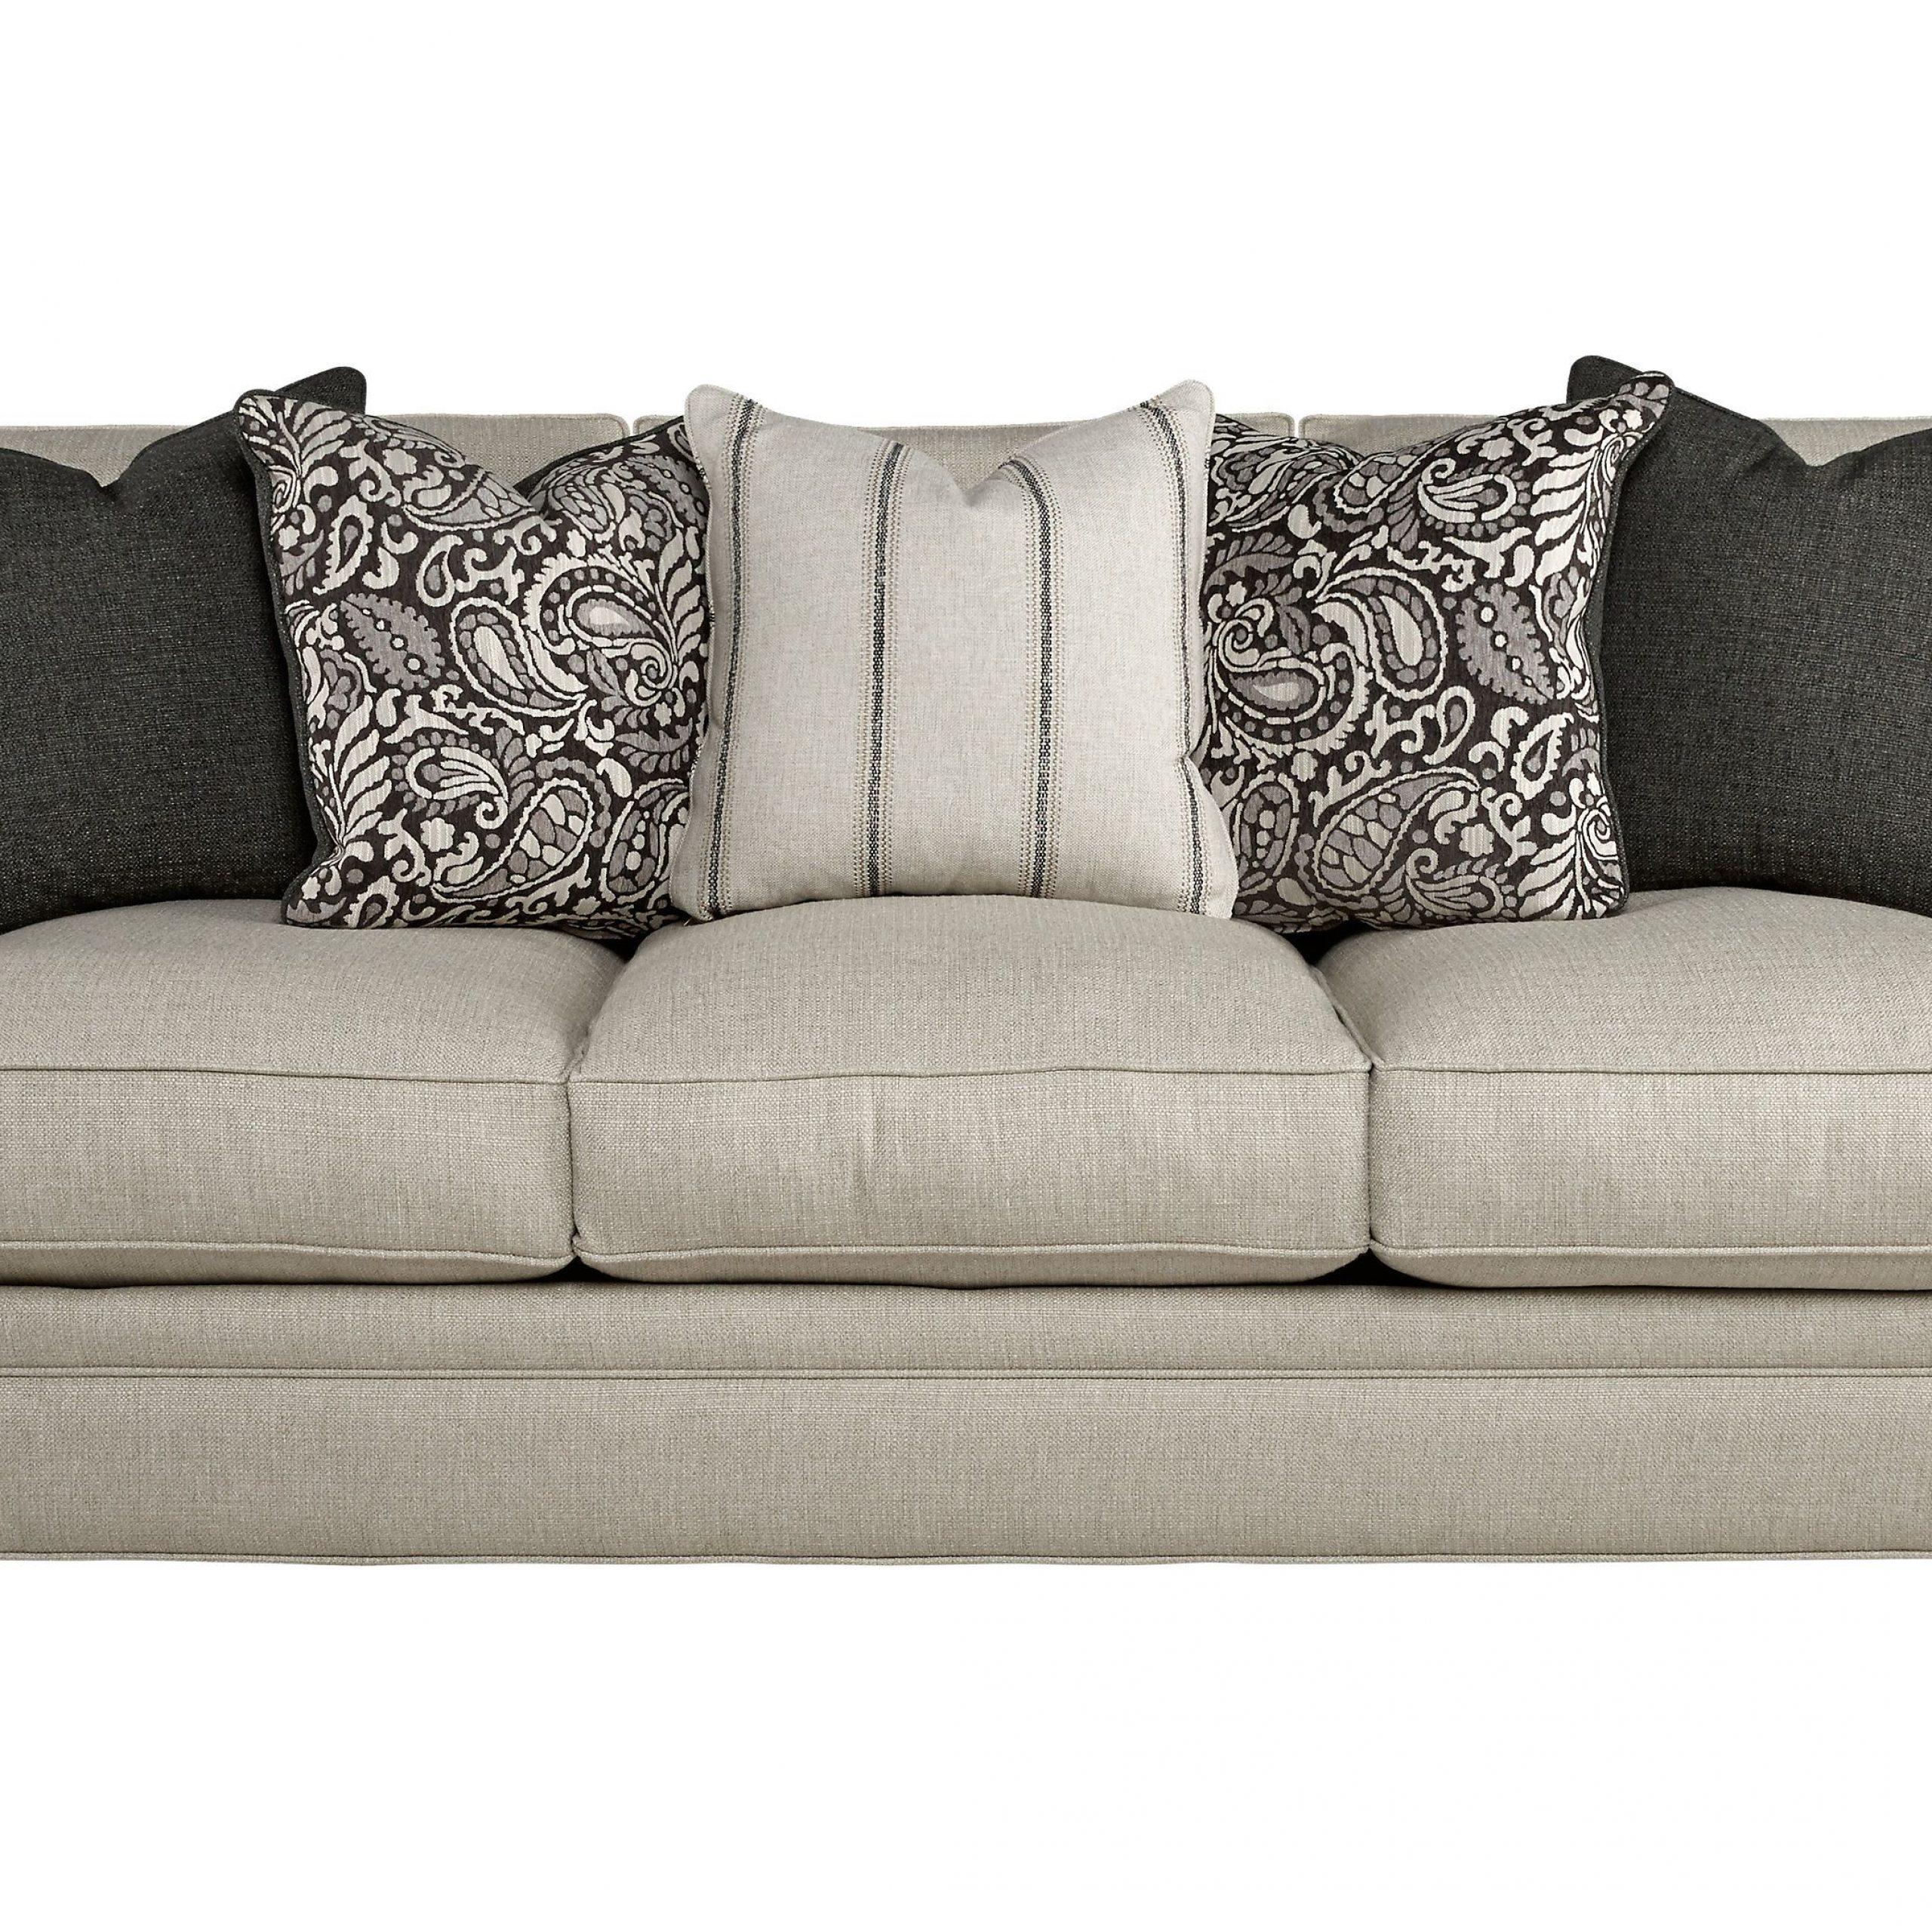 Cindy Crawford Home Bellingham Slate Sofa   Cindy Crawford With Regard To Cindy Crawford Sofas (View 2 of 15)